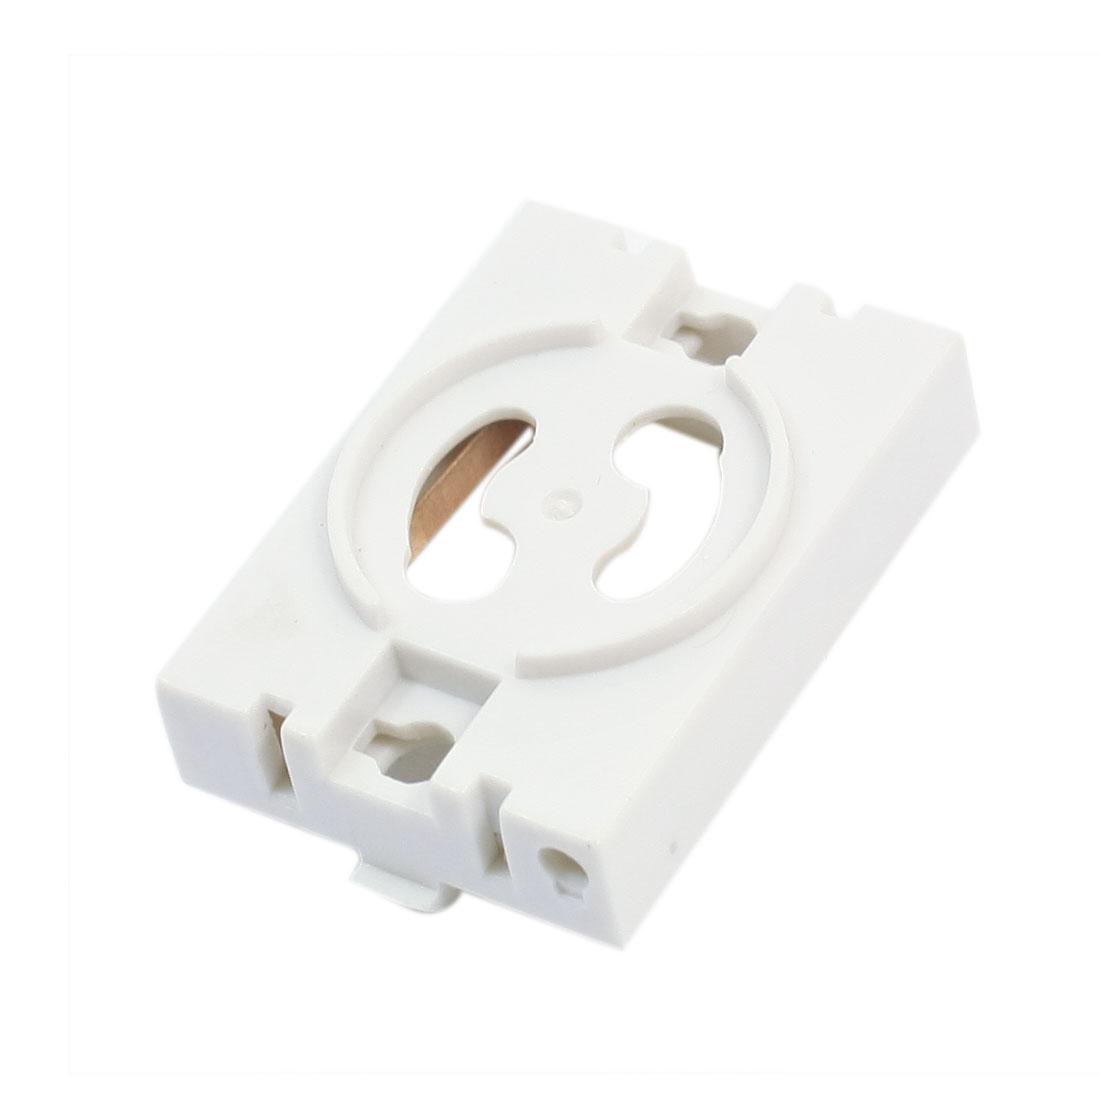 White Plastic T8 T10 Fluorescent Tube Bulb Lamp Holder Socket